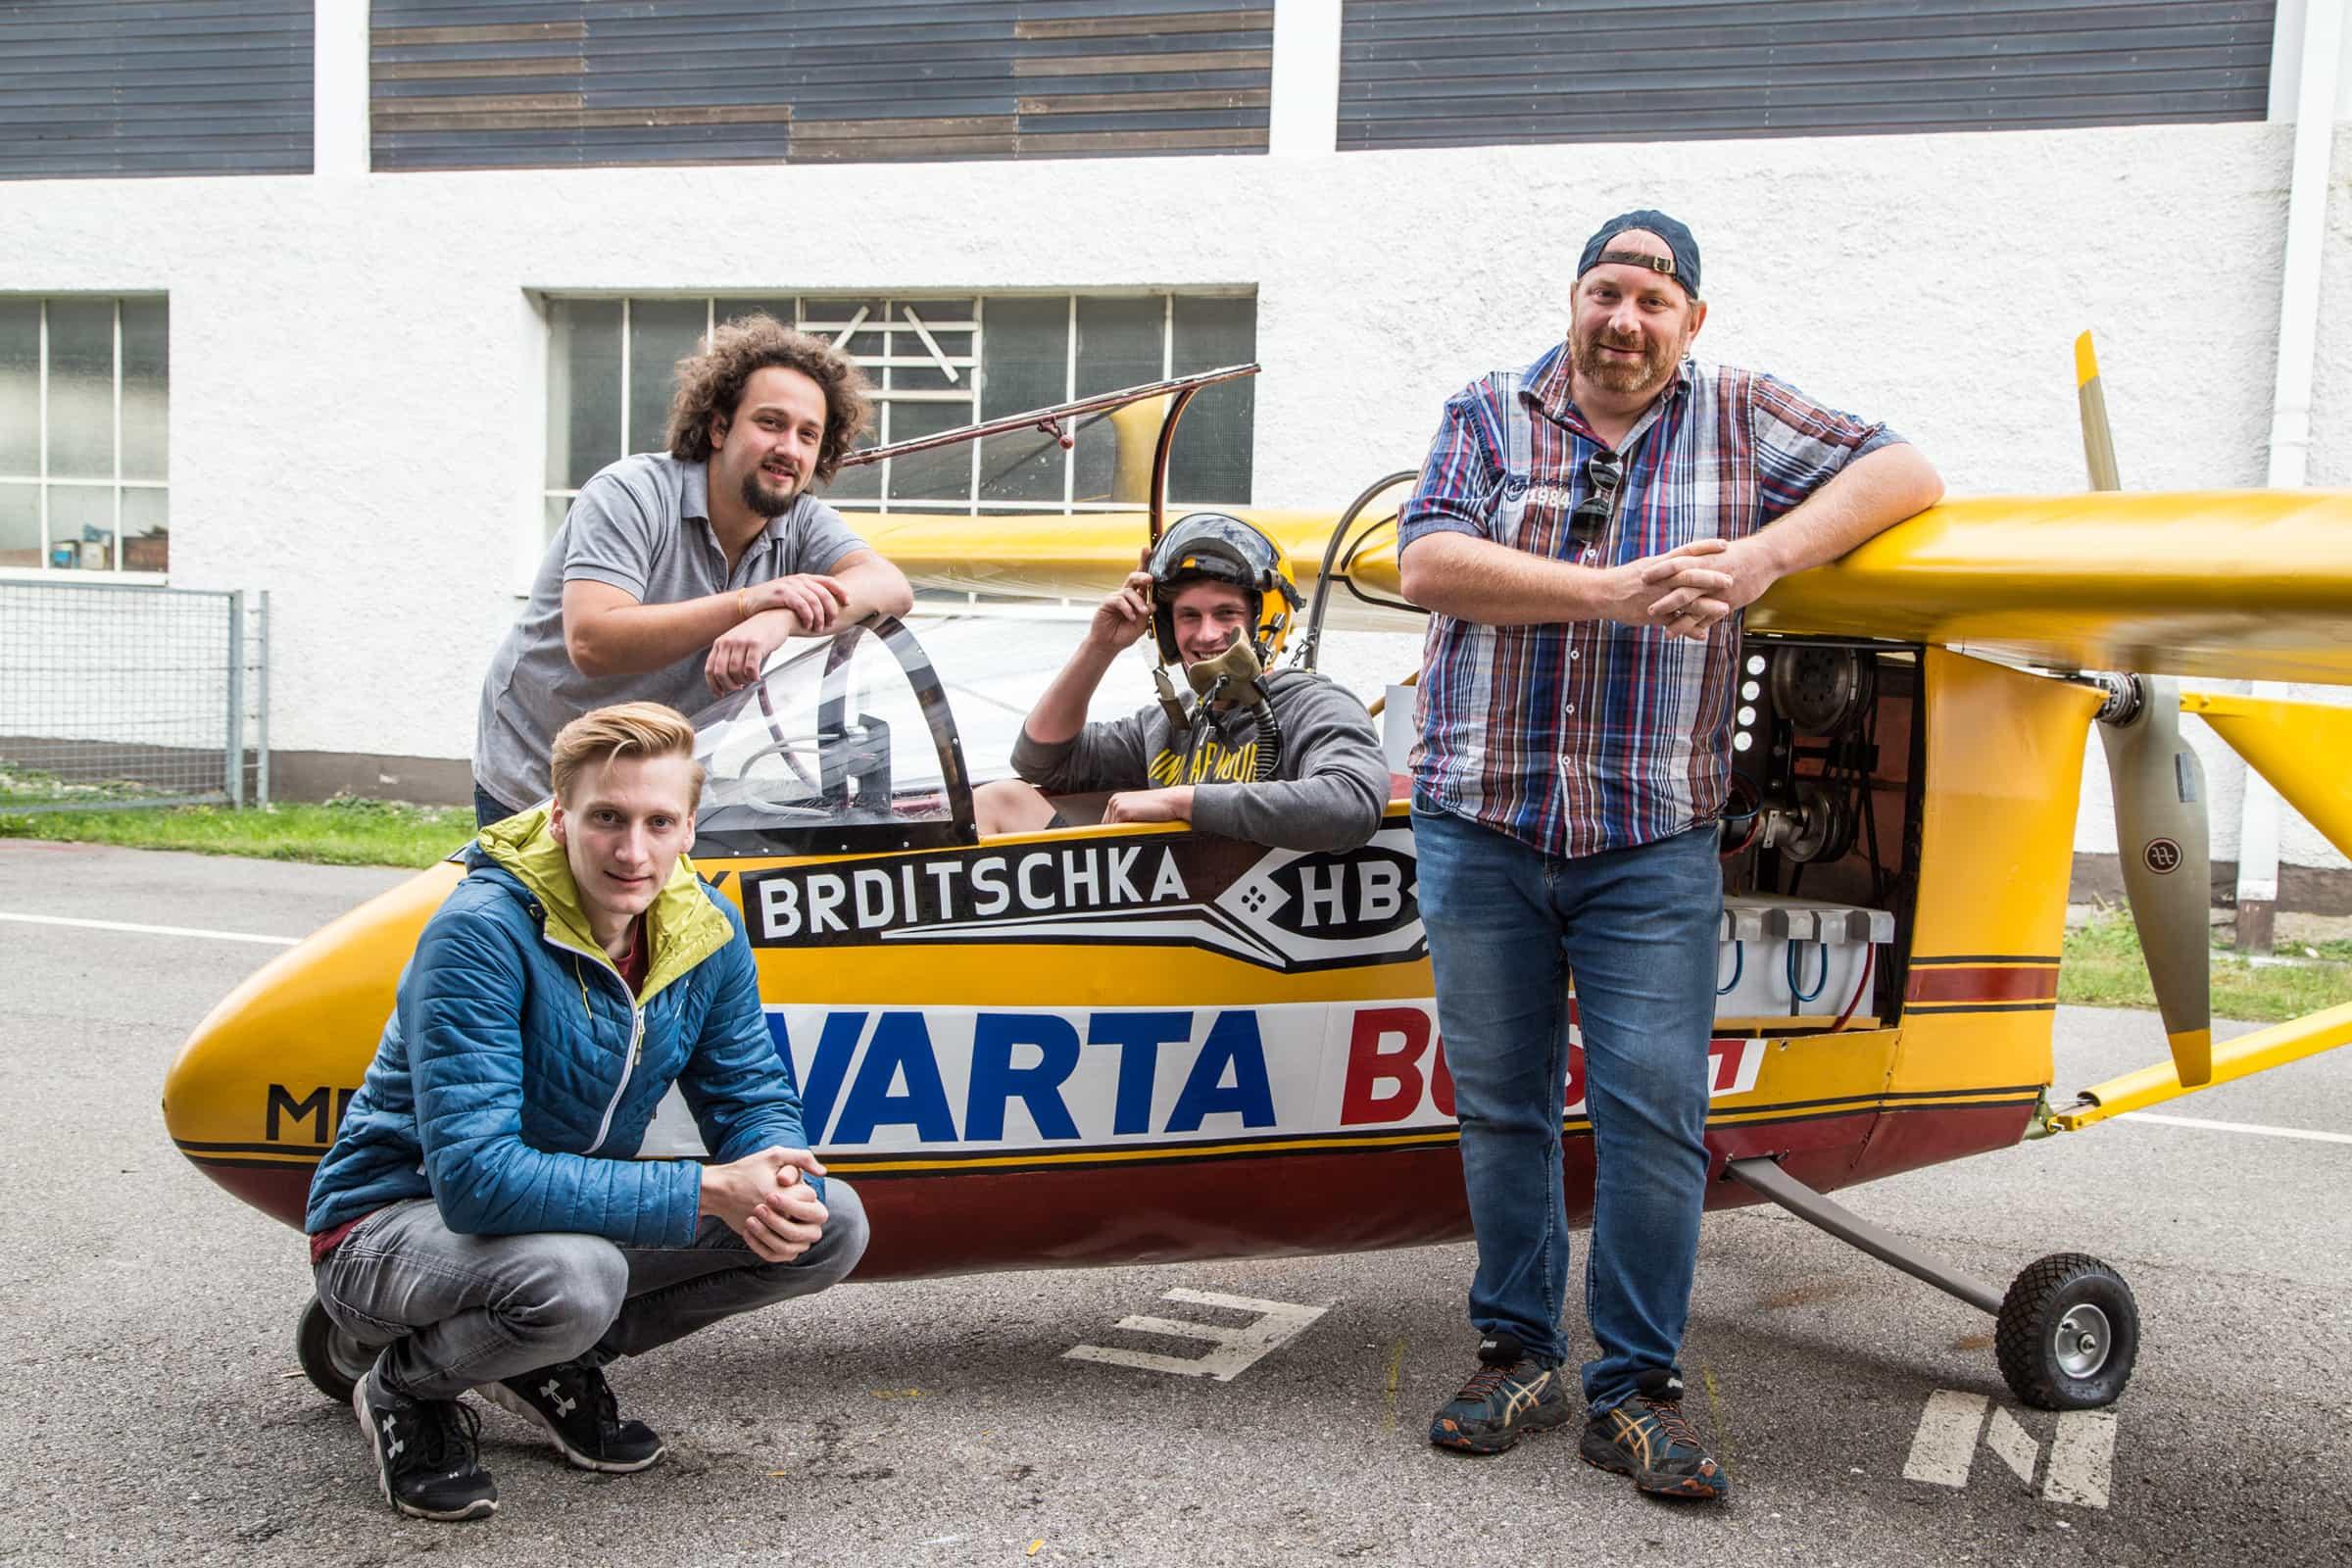 Vier Studierende posieren neben einem restaurierten E-Flieger.